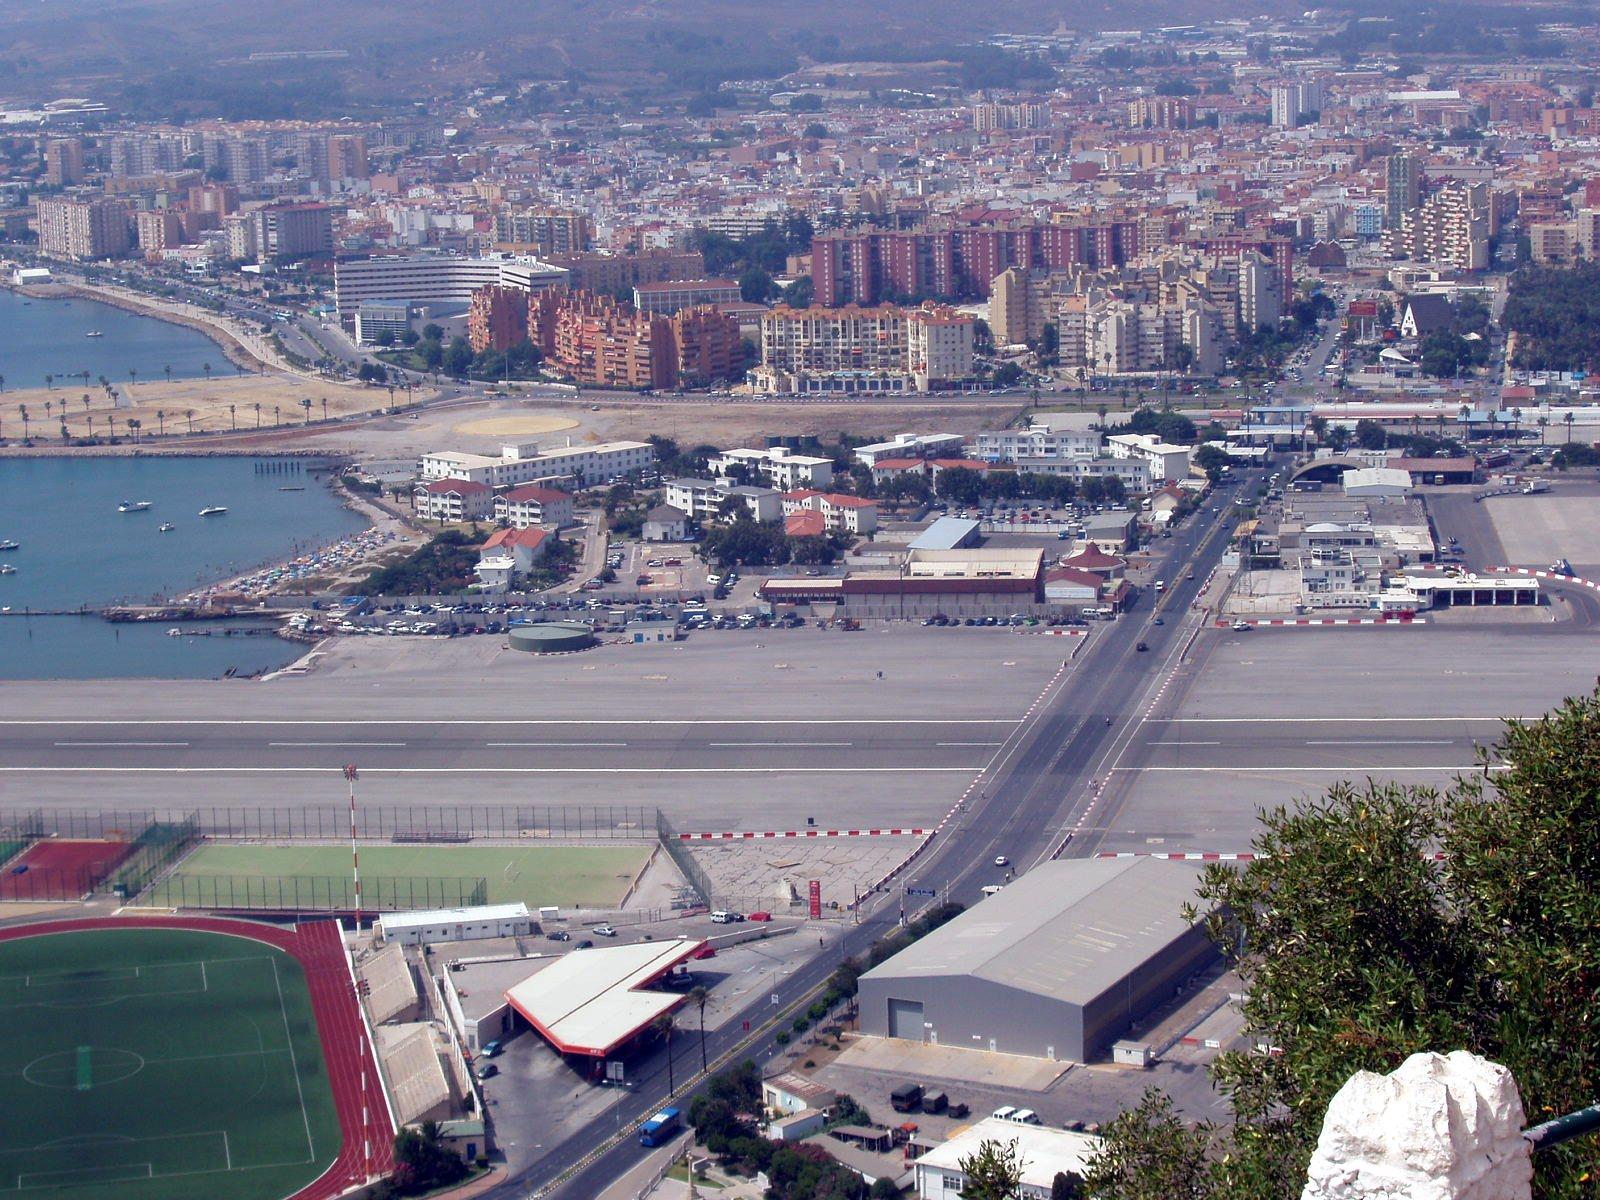 Pictures Of La View of La Lnea de la